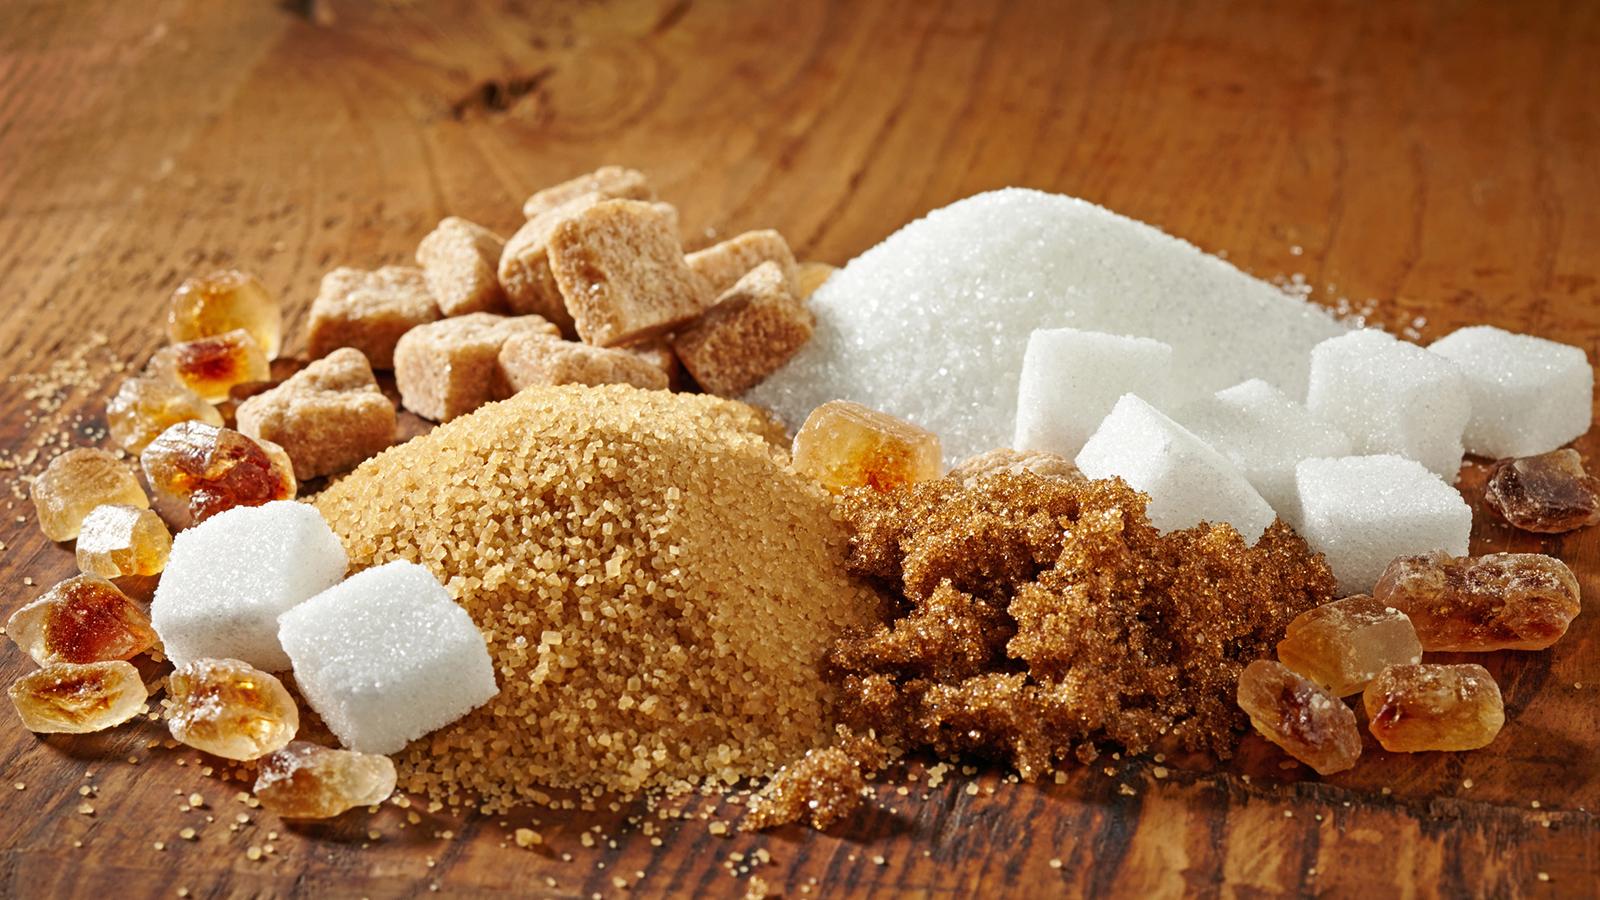 糖質と糖類の違いは?知らずに食べるとダイエットの失敗原因に!